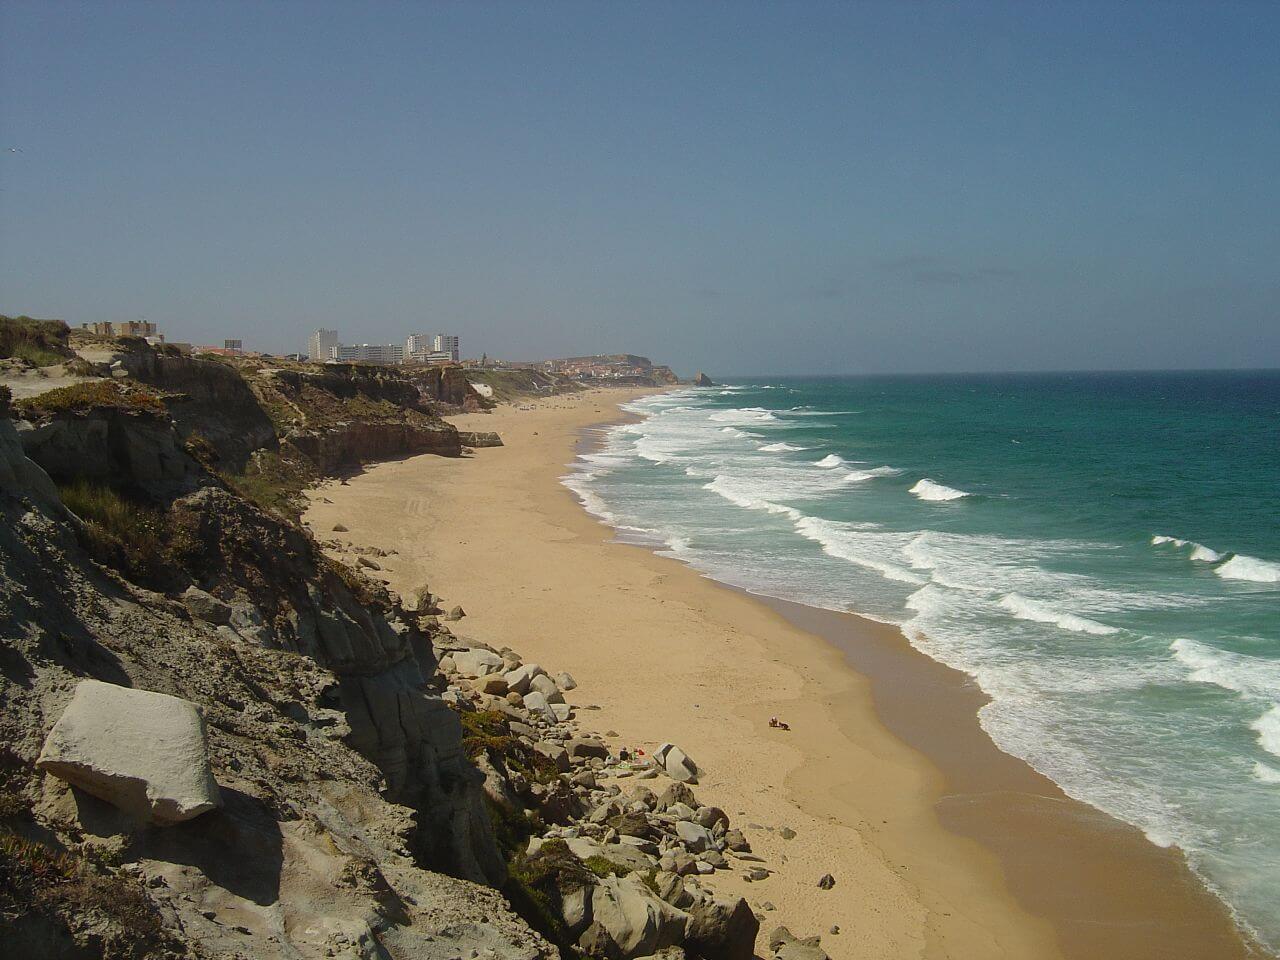 praia da vigia roadtrip pela costa vicentina